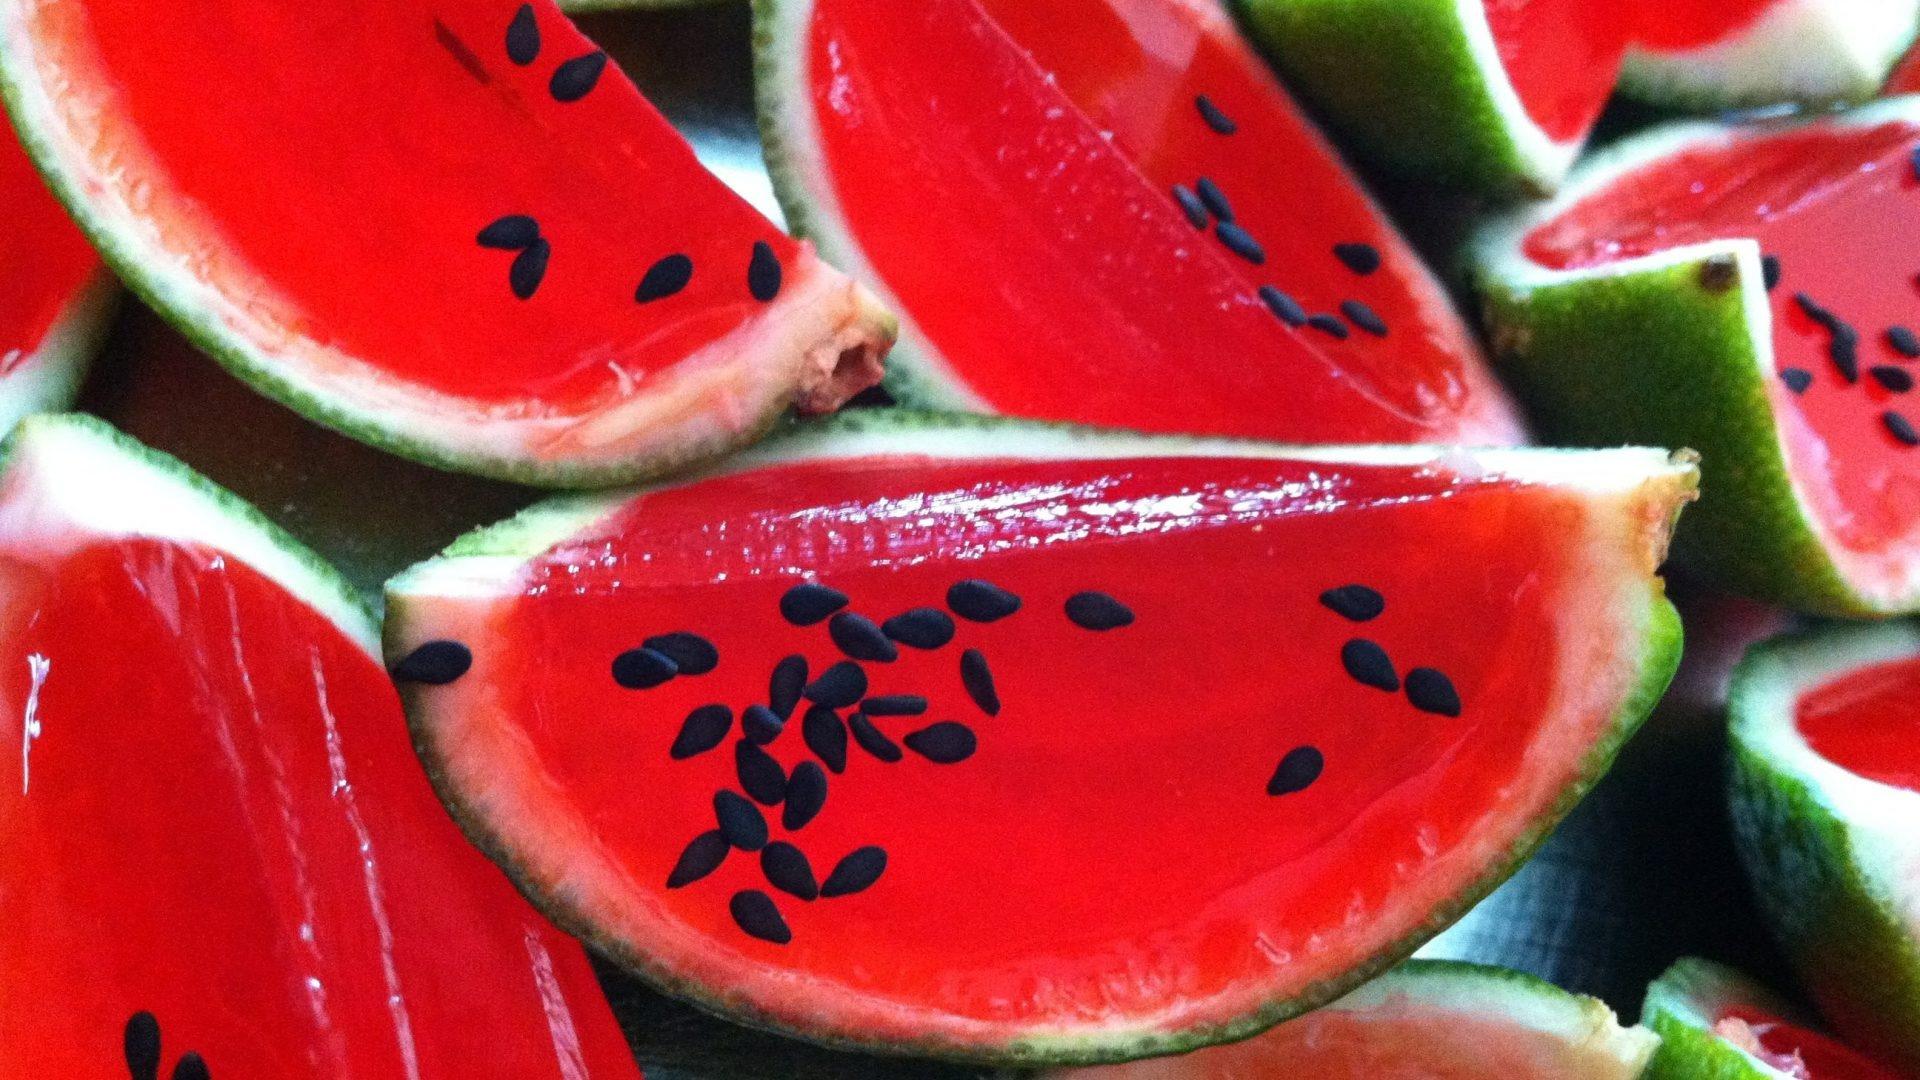 Watermelon Wallpaper Theme